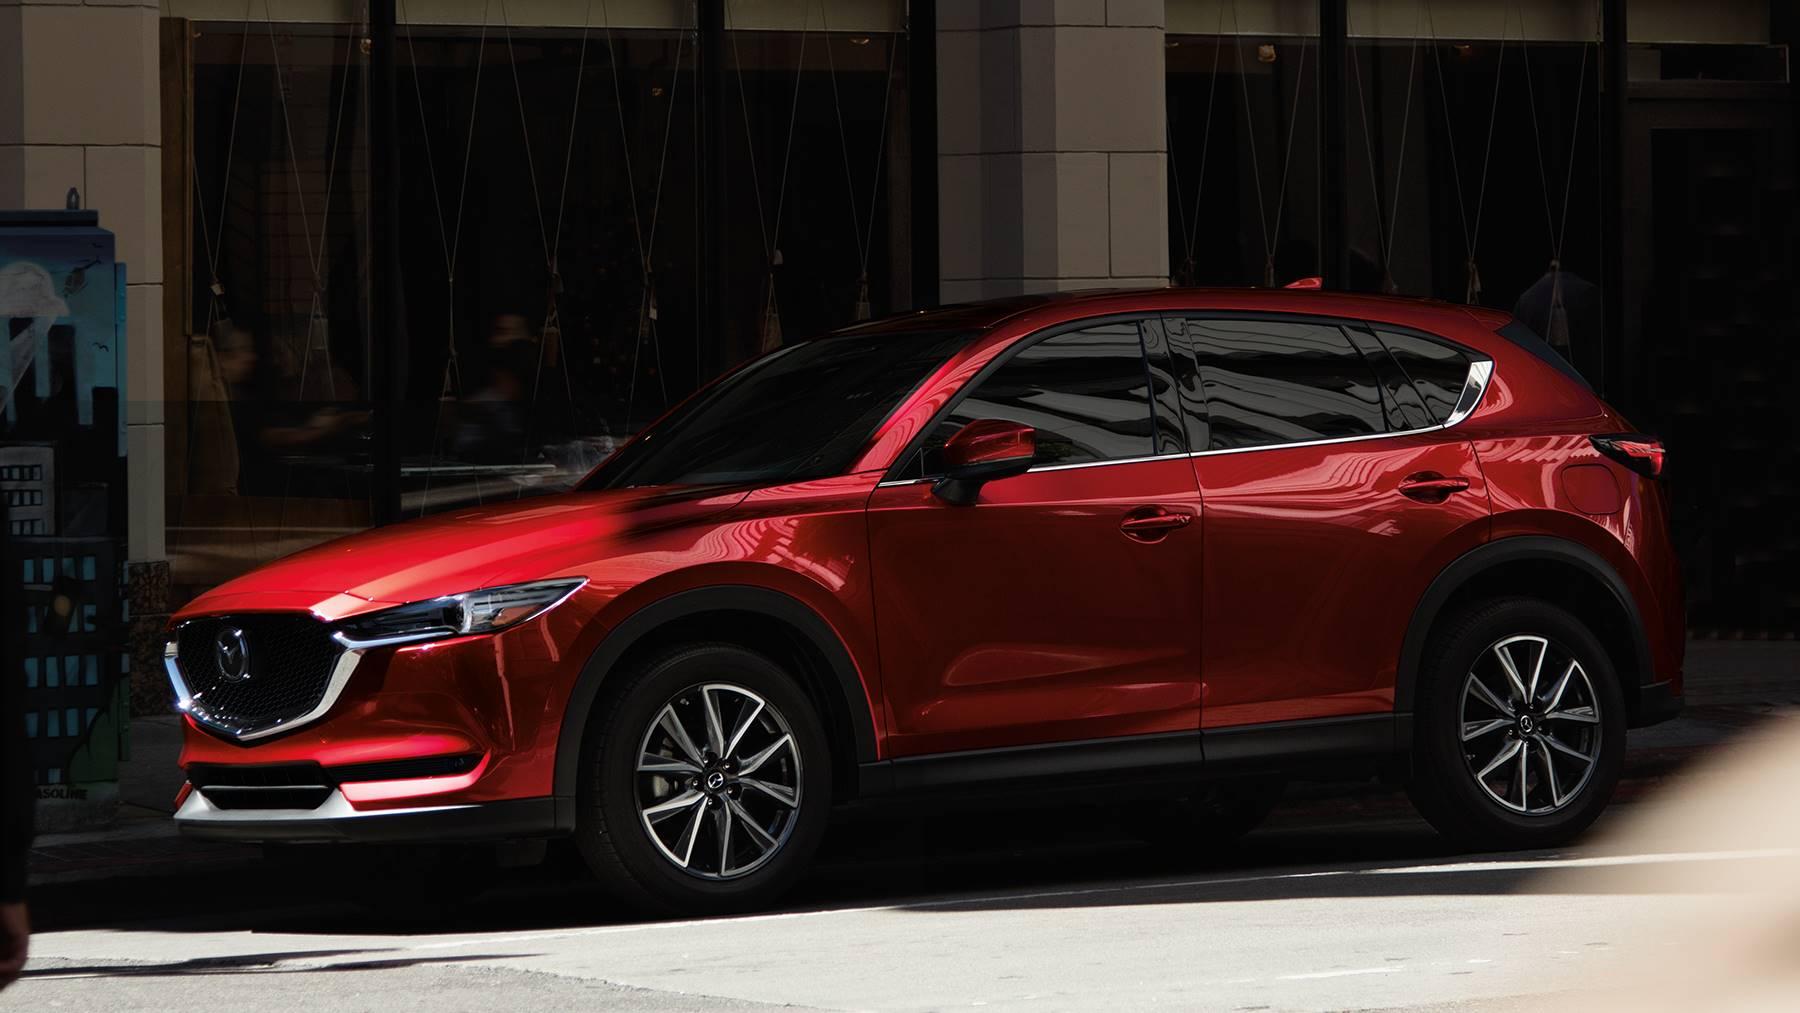 2018 Mazda CX-5 vs 2018 Honda CR-V in Monroe, LA